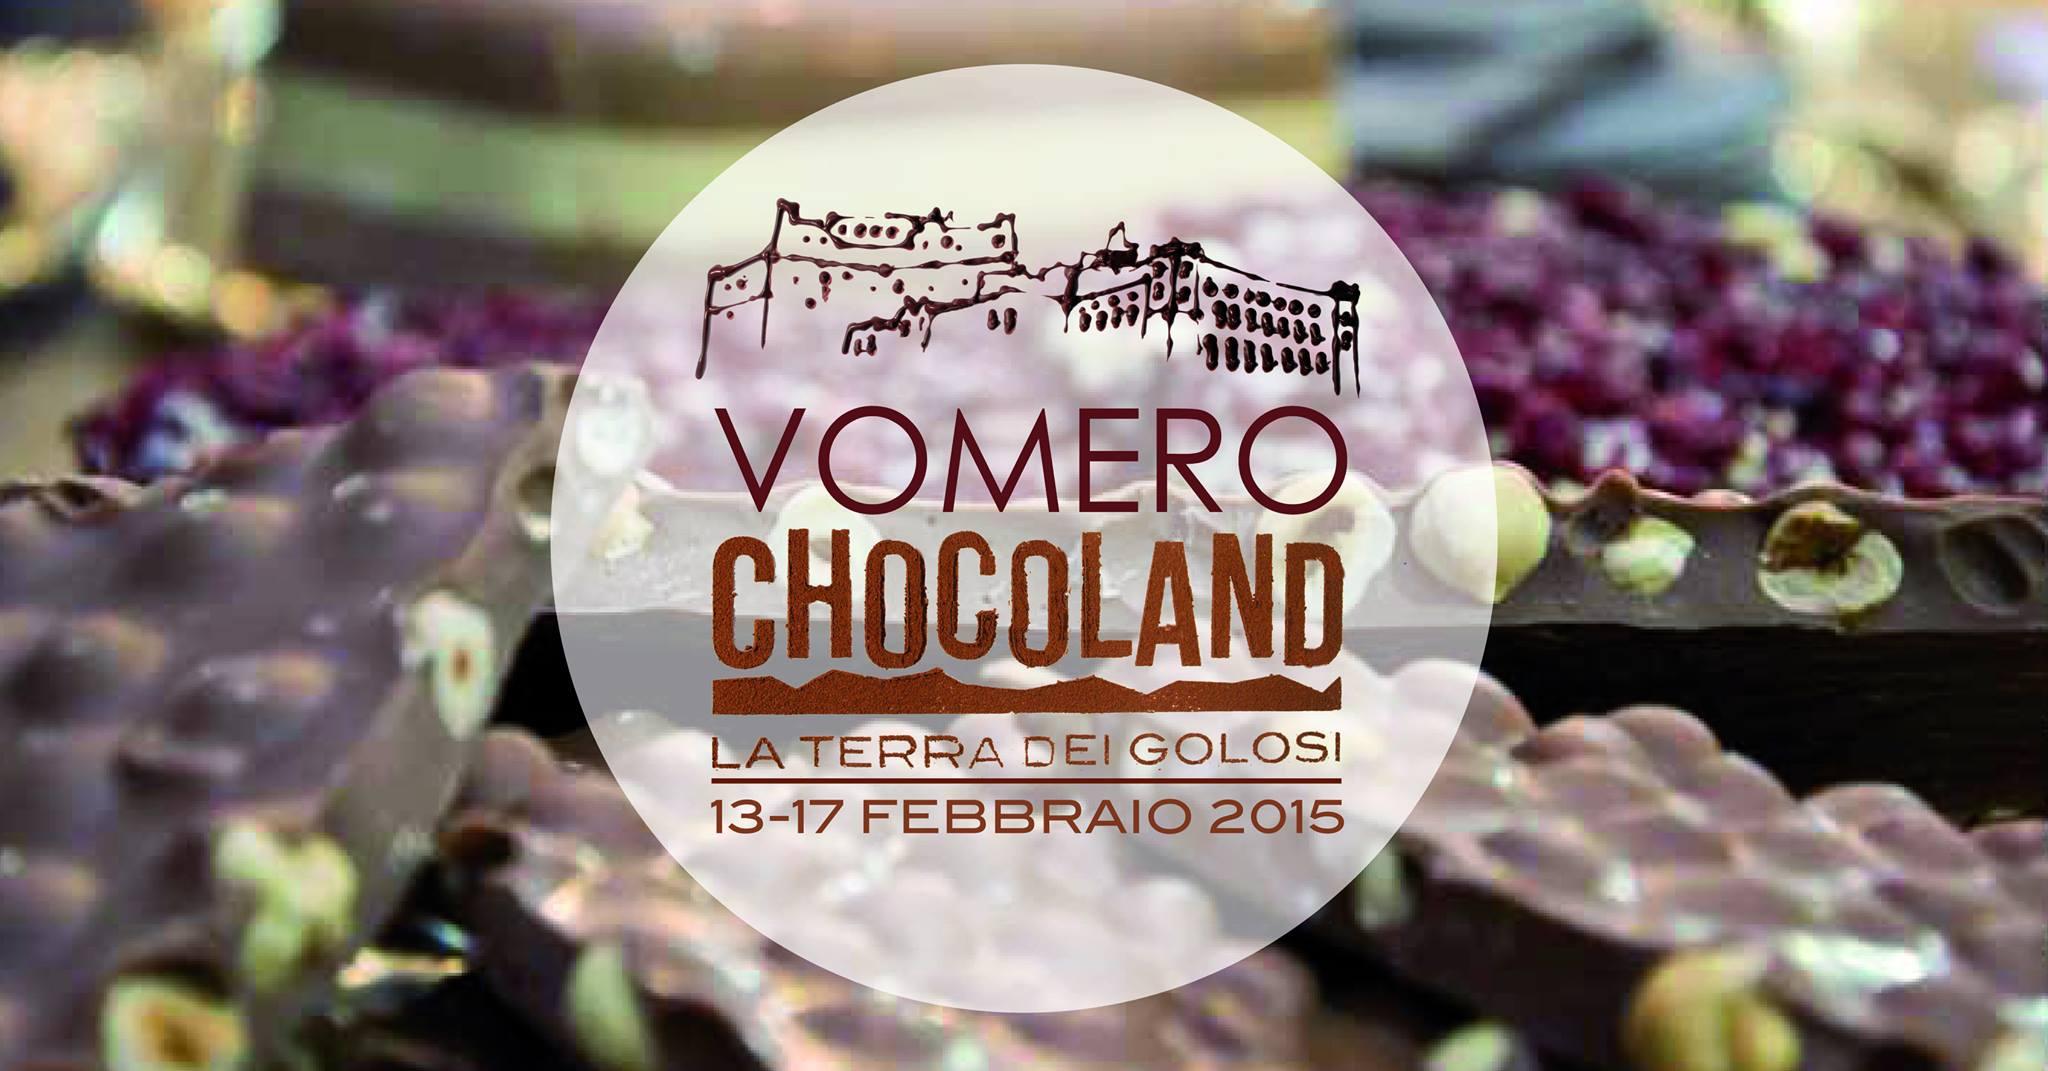 Chocoland, a Napoli la fiera del cioccolato